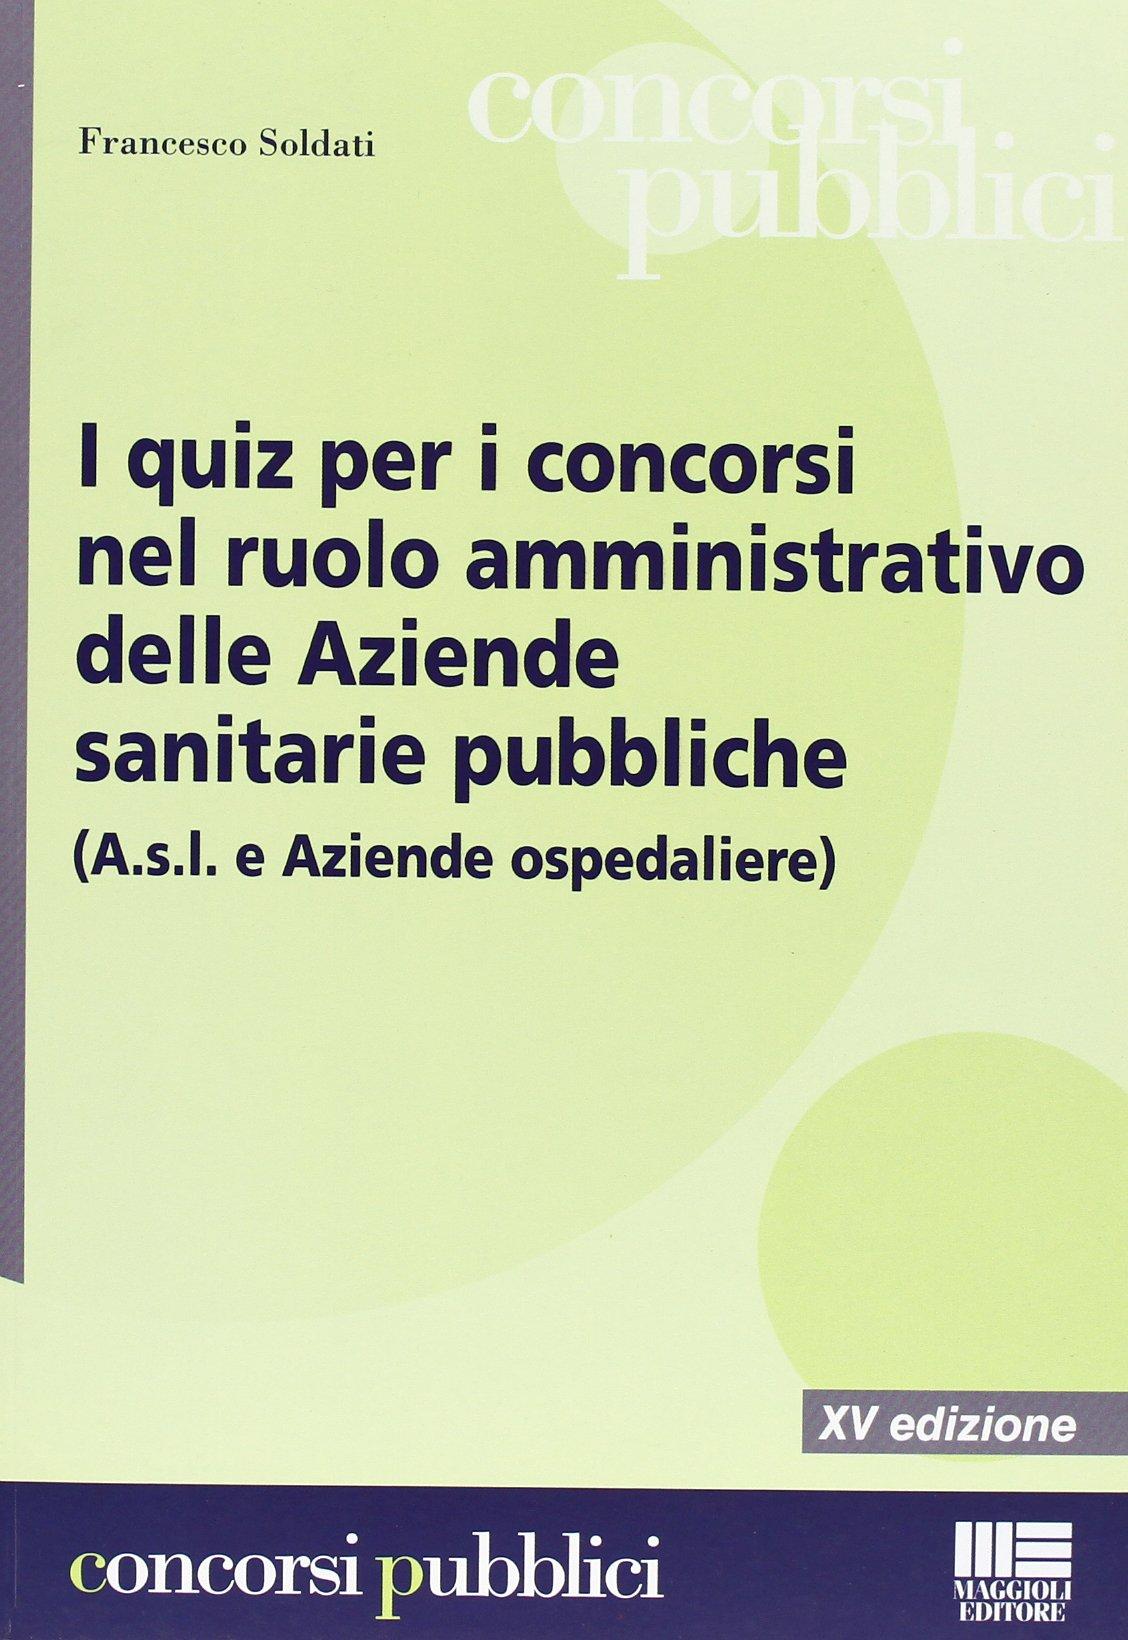 Download I quiz per i concorsi nel ruolo amministrativo delle aziende sanitarie pubbliche ebook